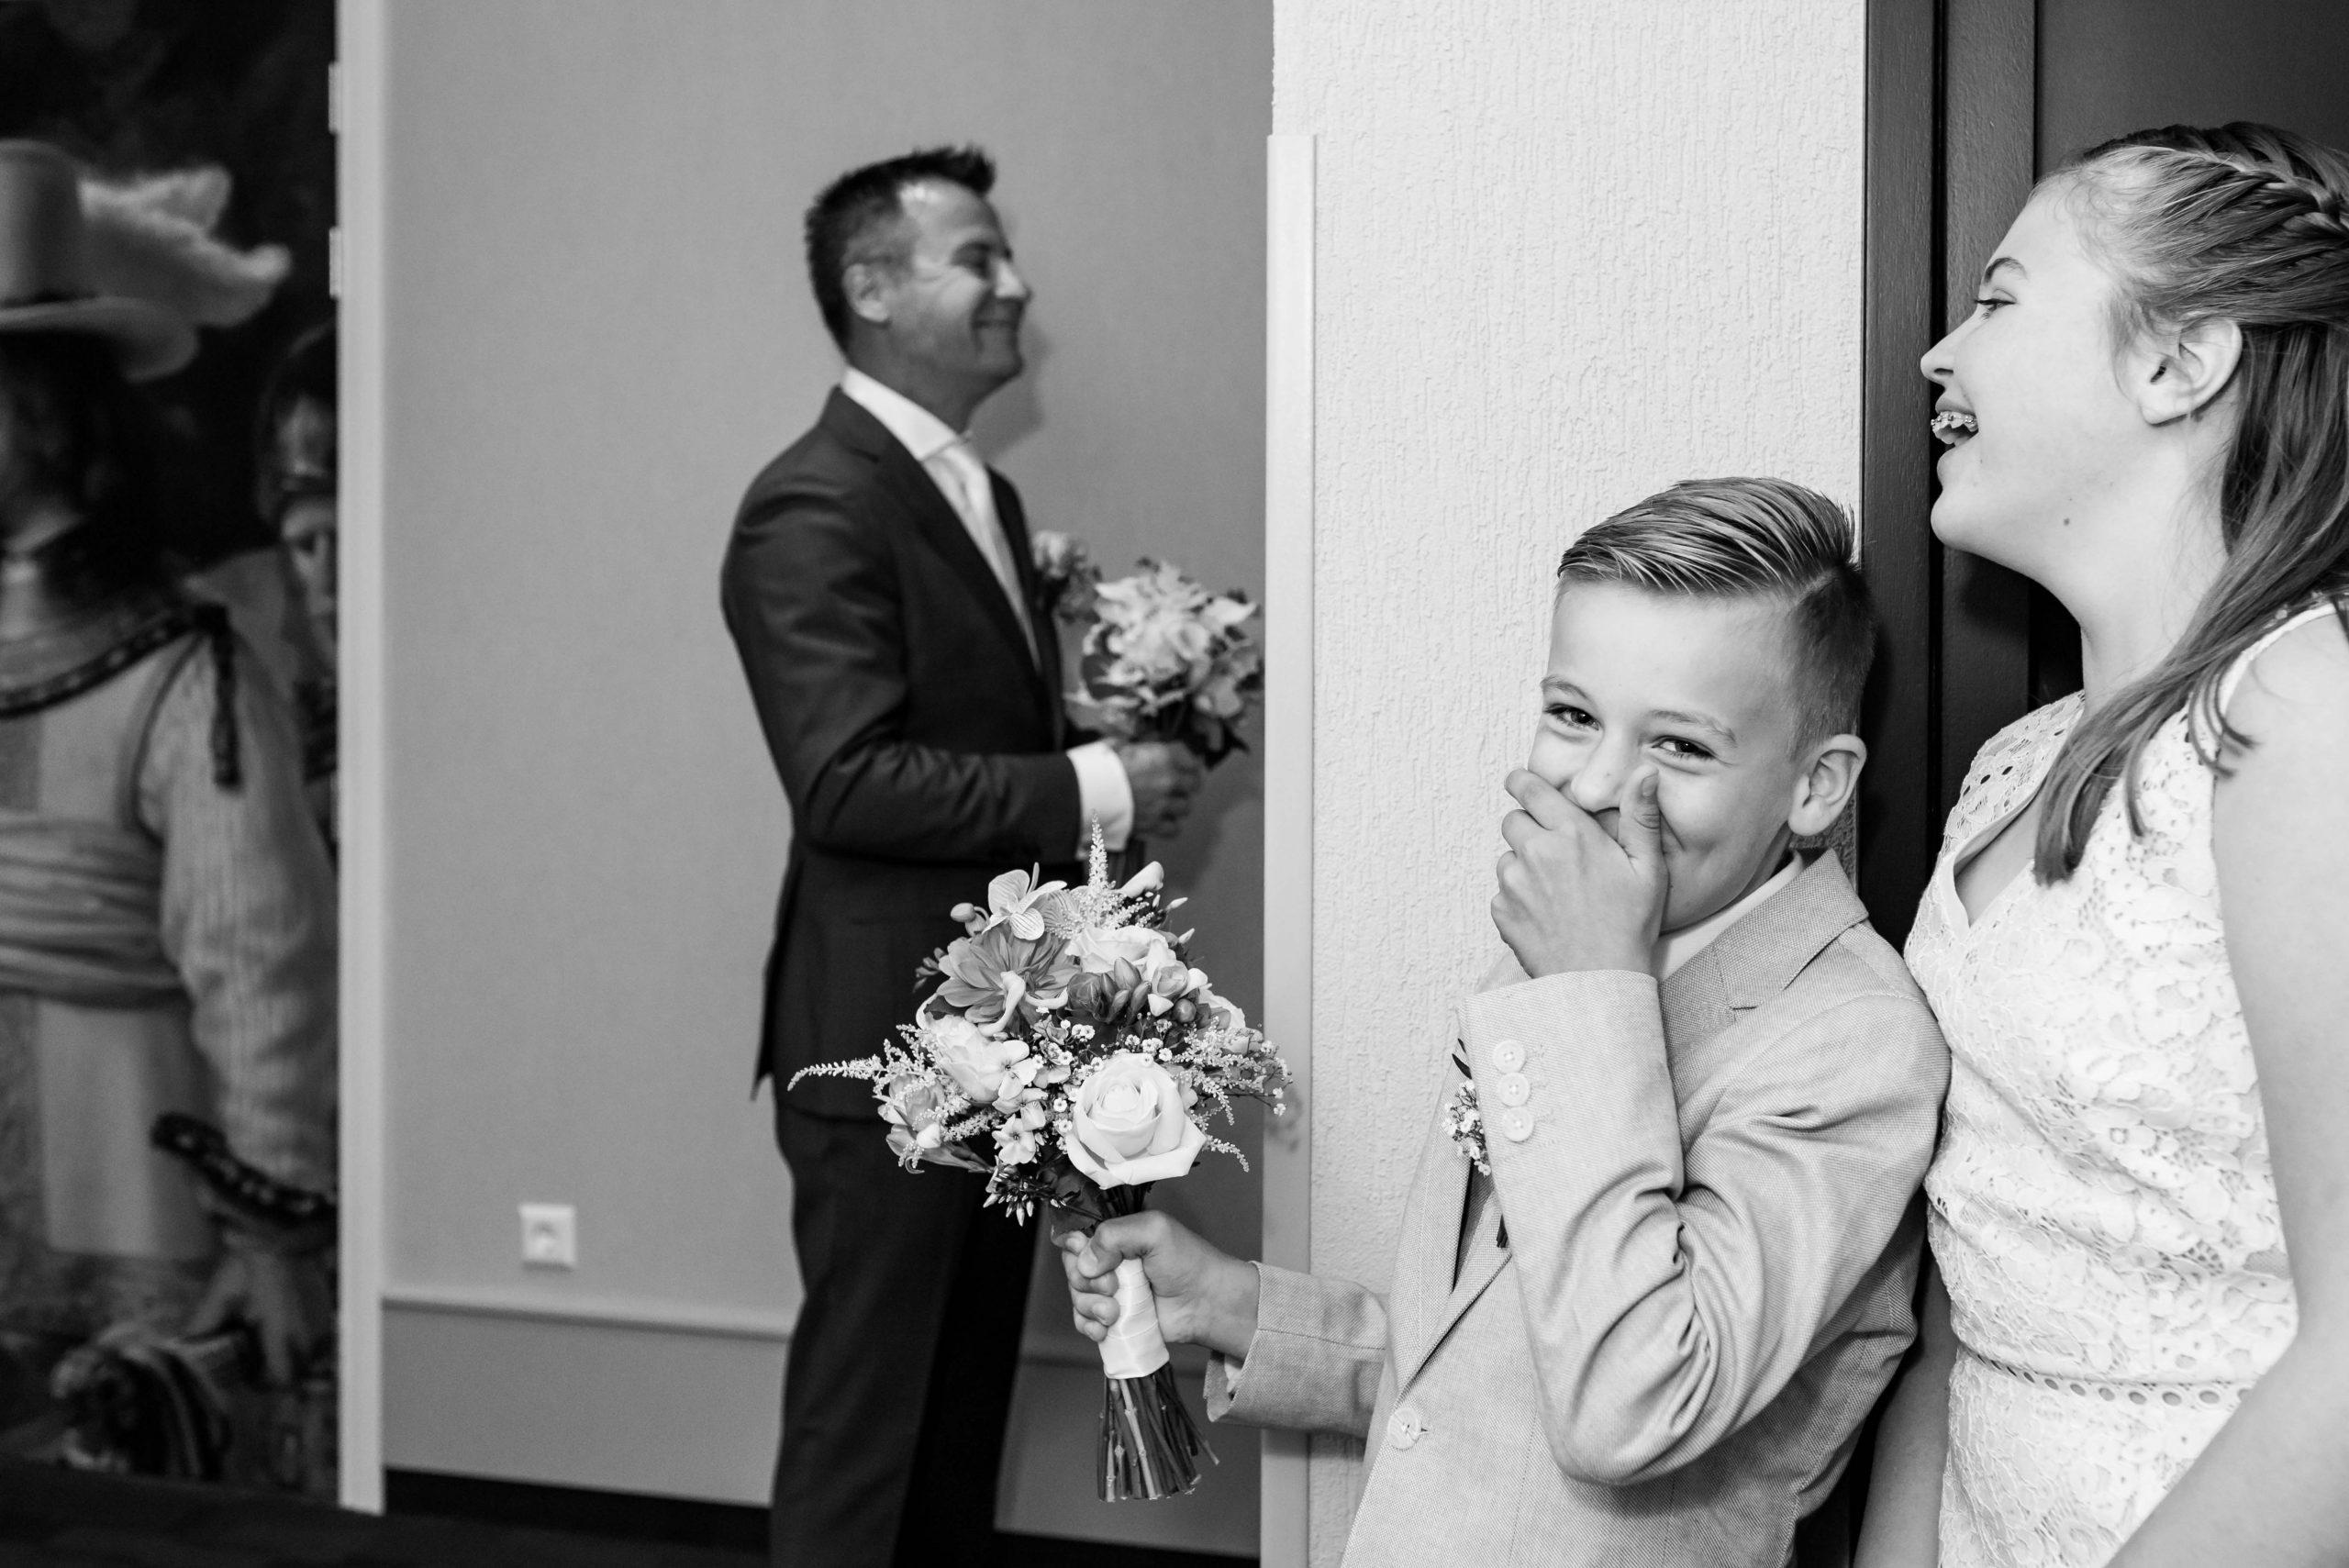 Bruidegom staat te wachten op zijn bruid en zijn kinderen lachen om zijn zenuwen.